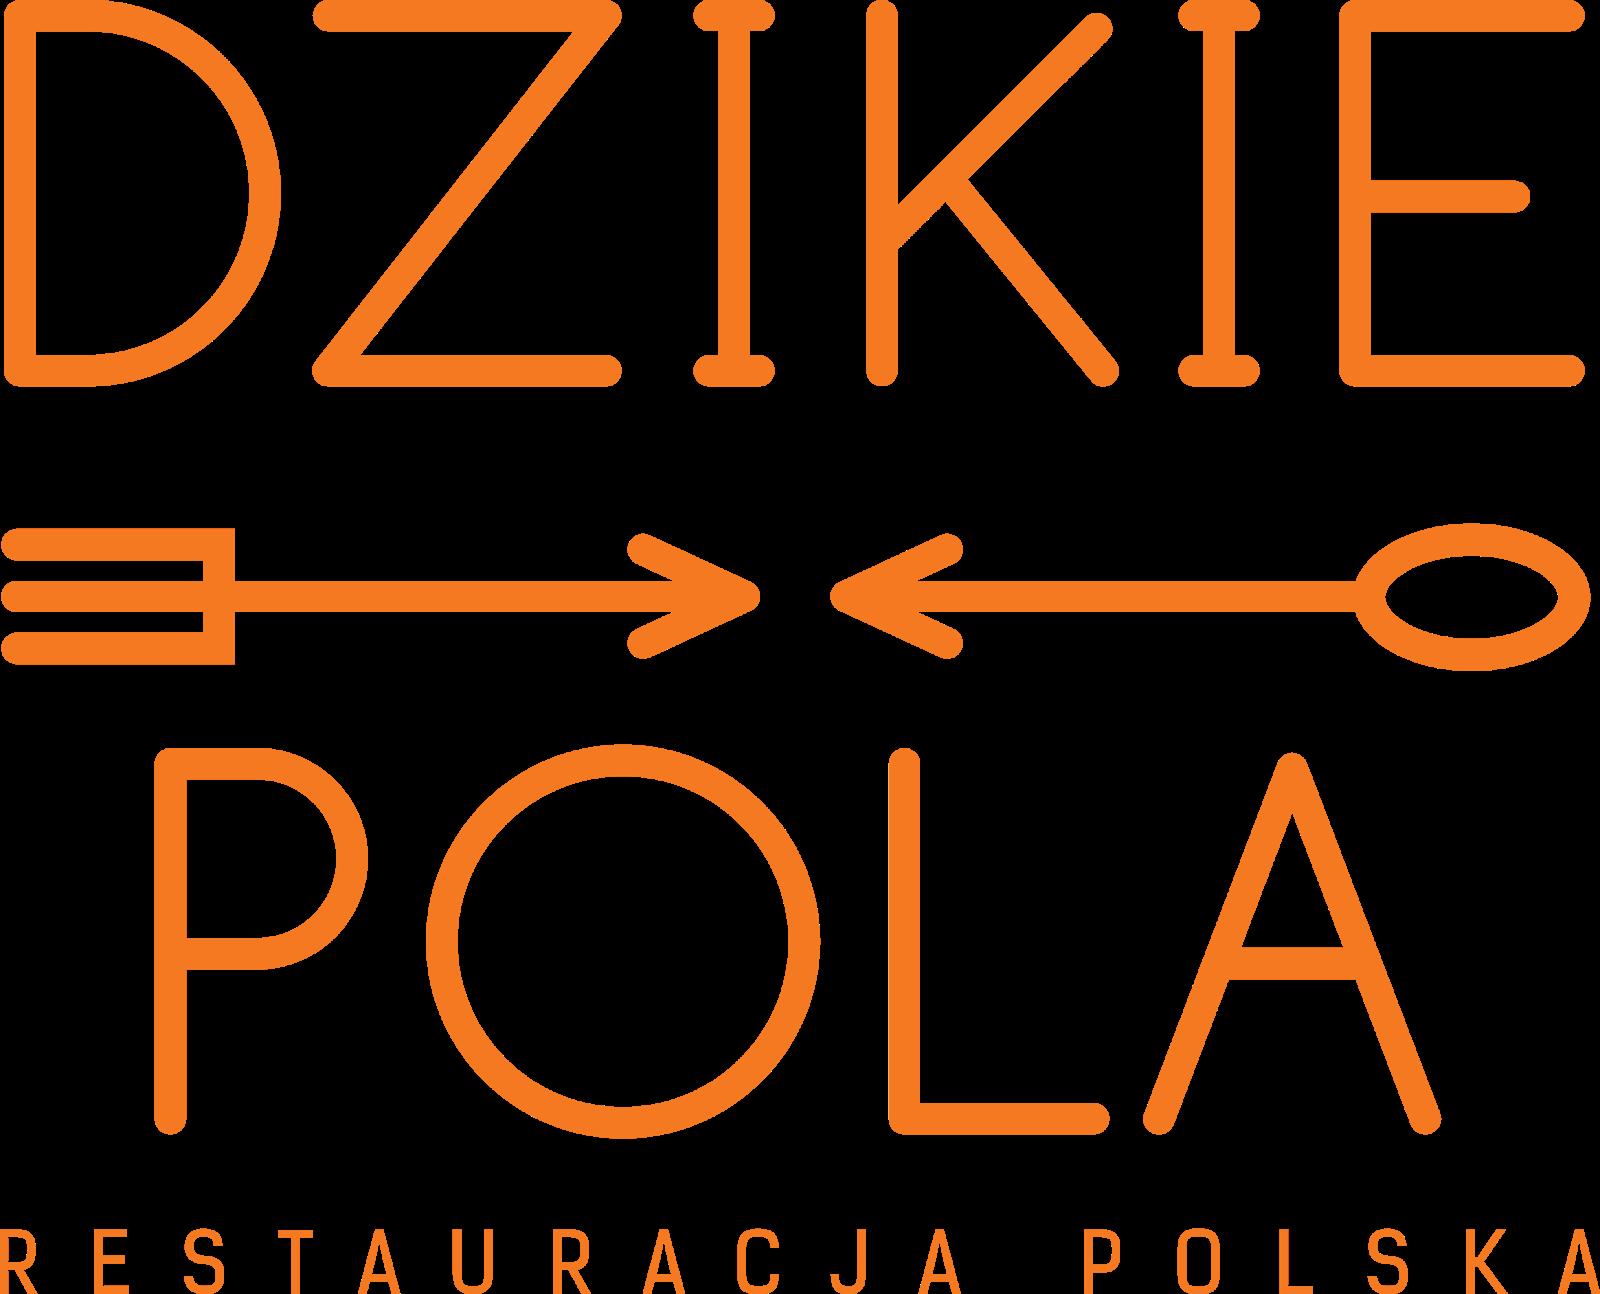 Dzikie Pola Restauracja Polska